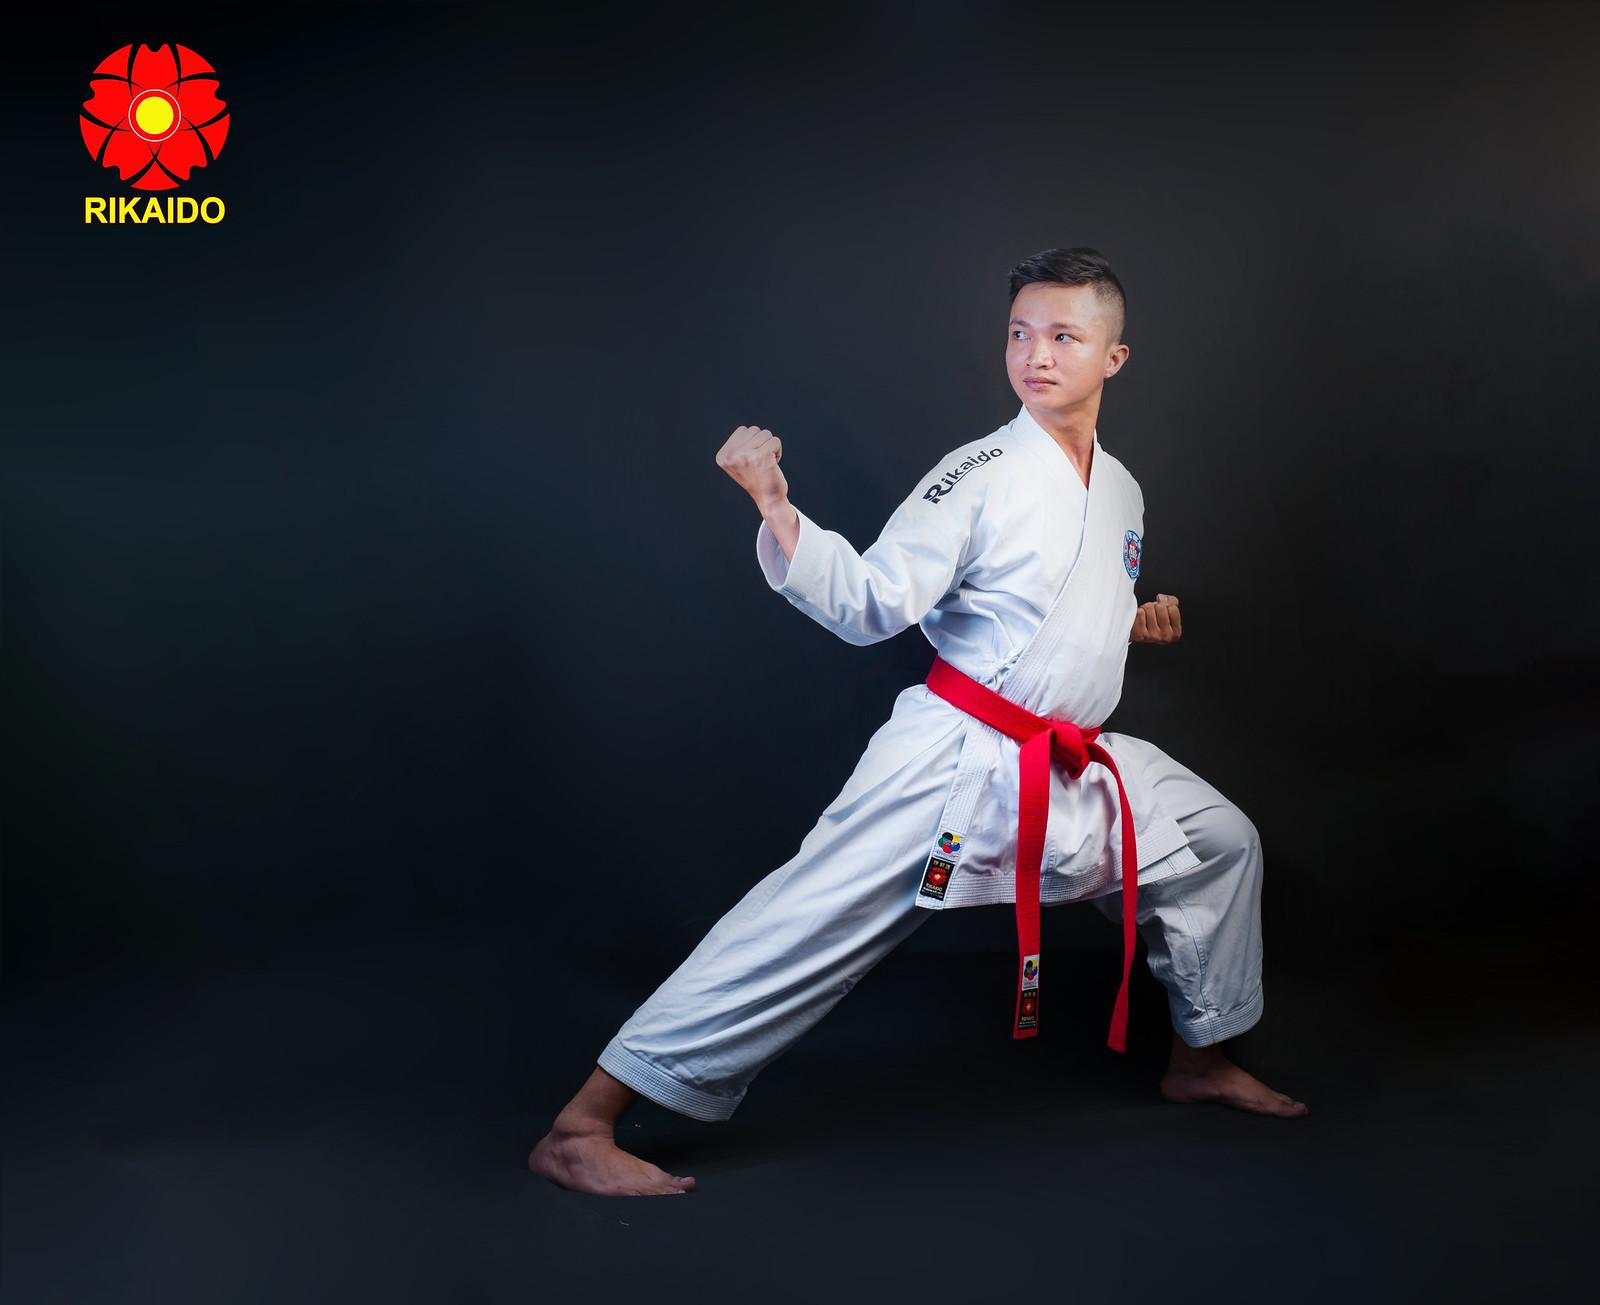 43979016831 40a5a405c2 h - Ảnh nghệ thuật karate chụp trong studio